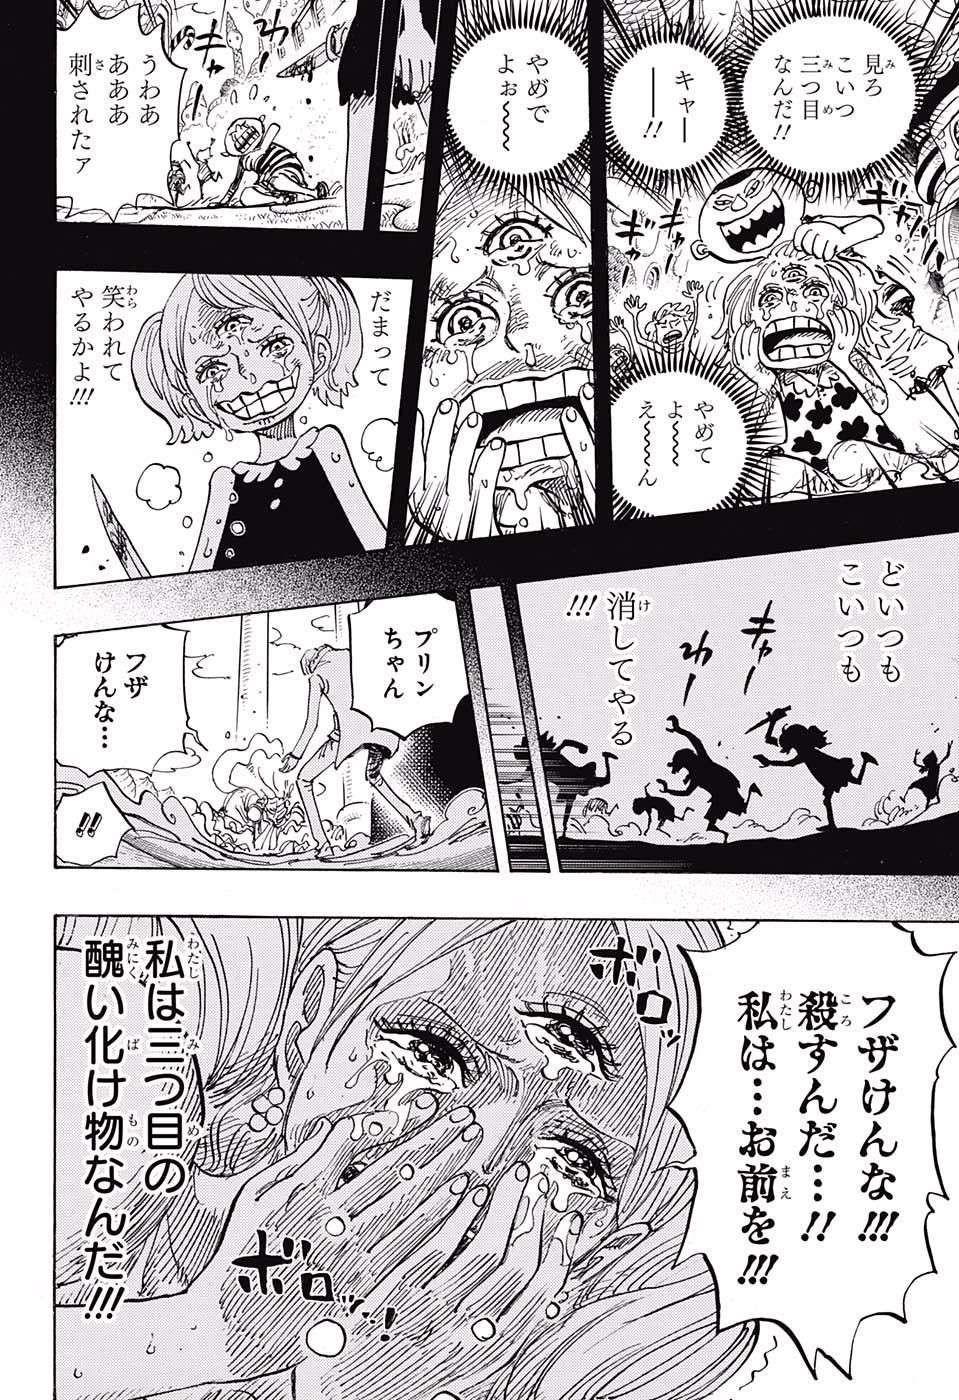 ワンピース chapter 862 page 12 one piece comic one piece manga one piece chapter